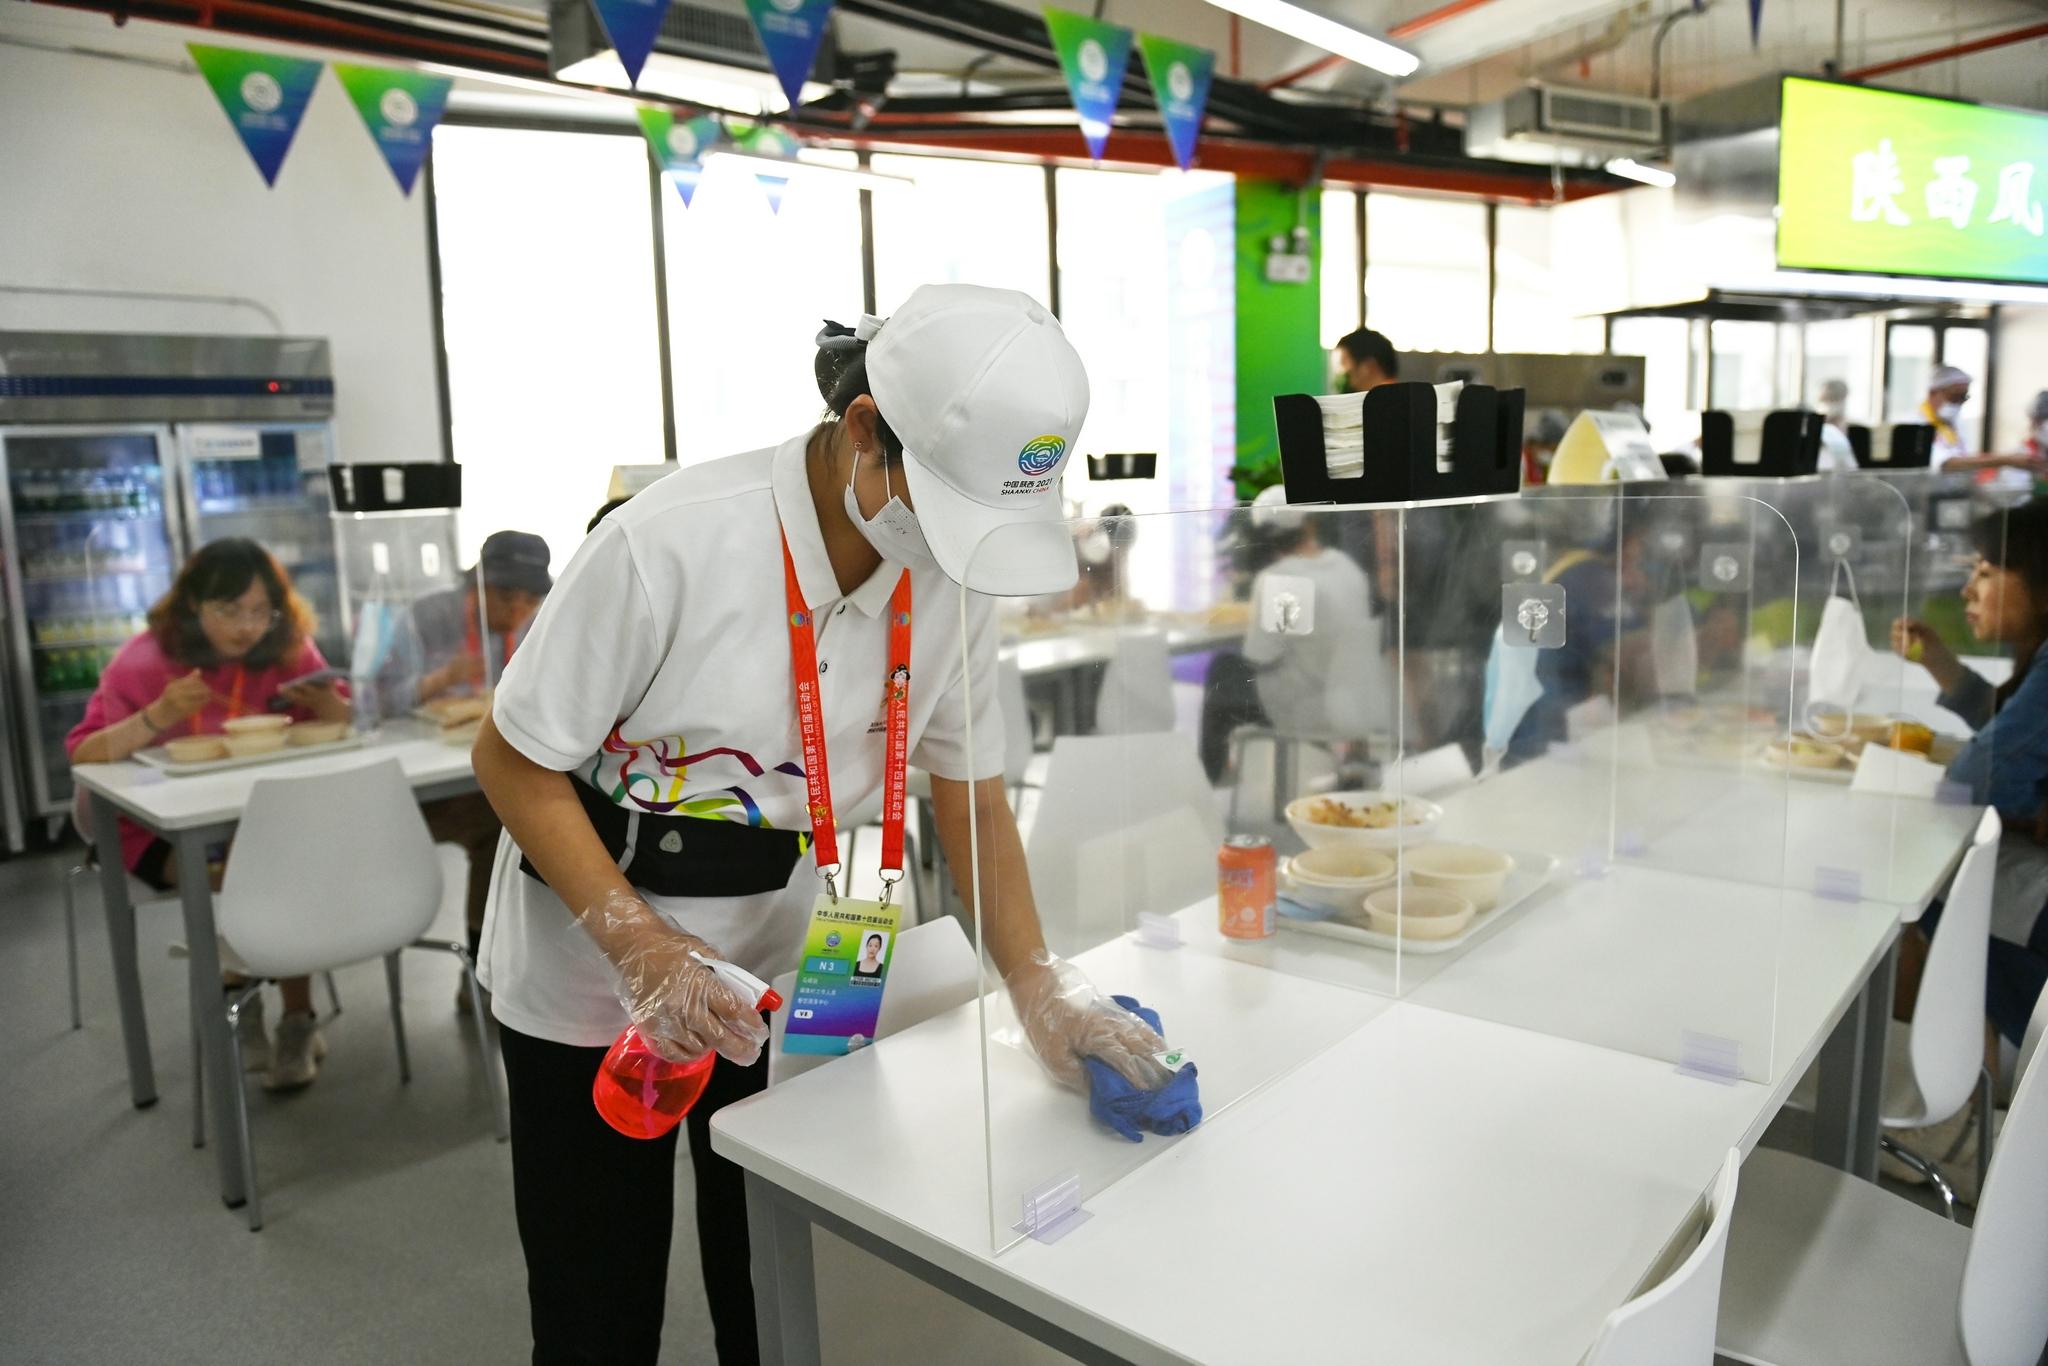 志愿者为食堂消毒。